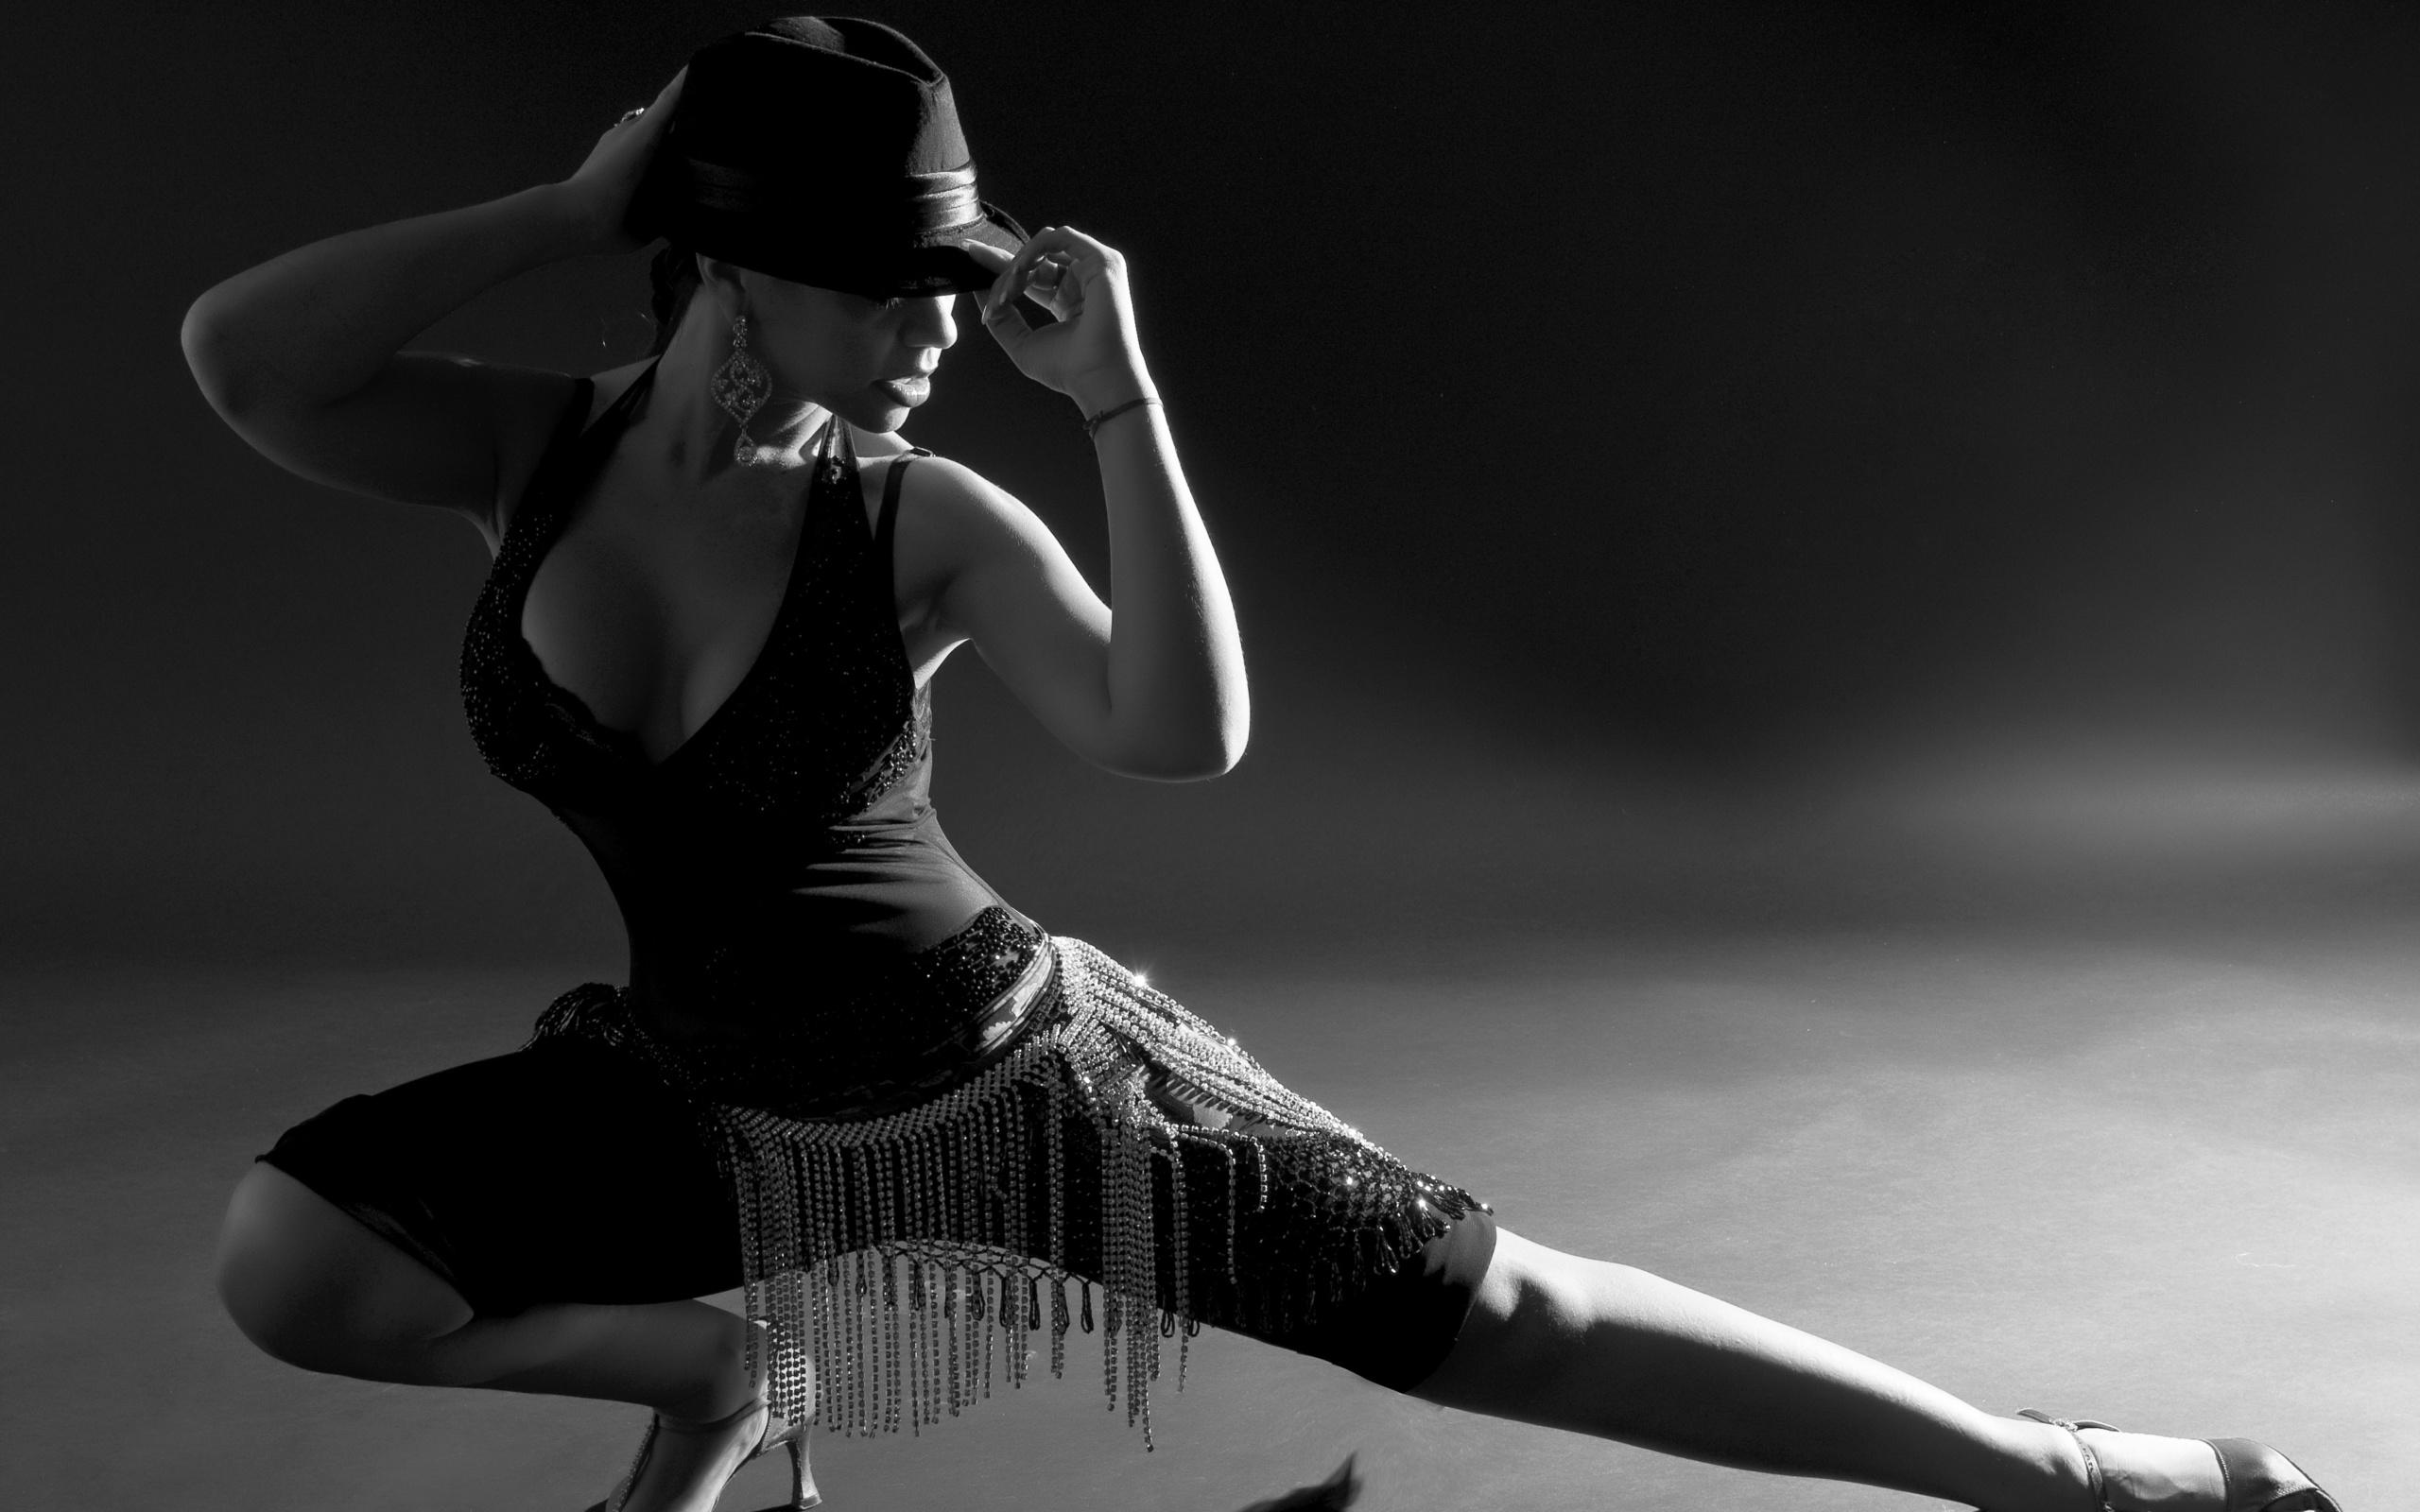 Года, картинки танец девушки